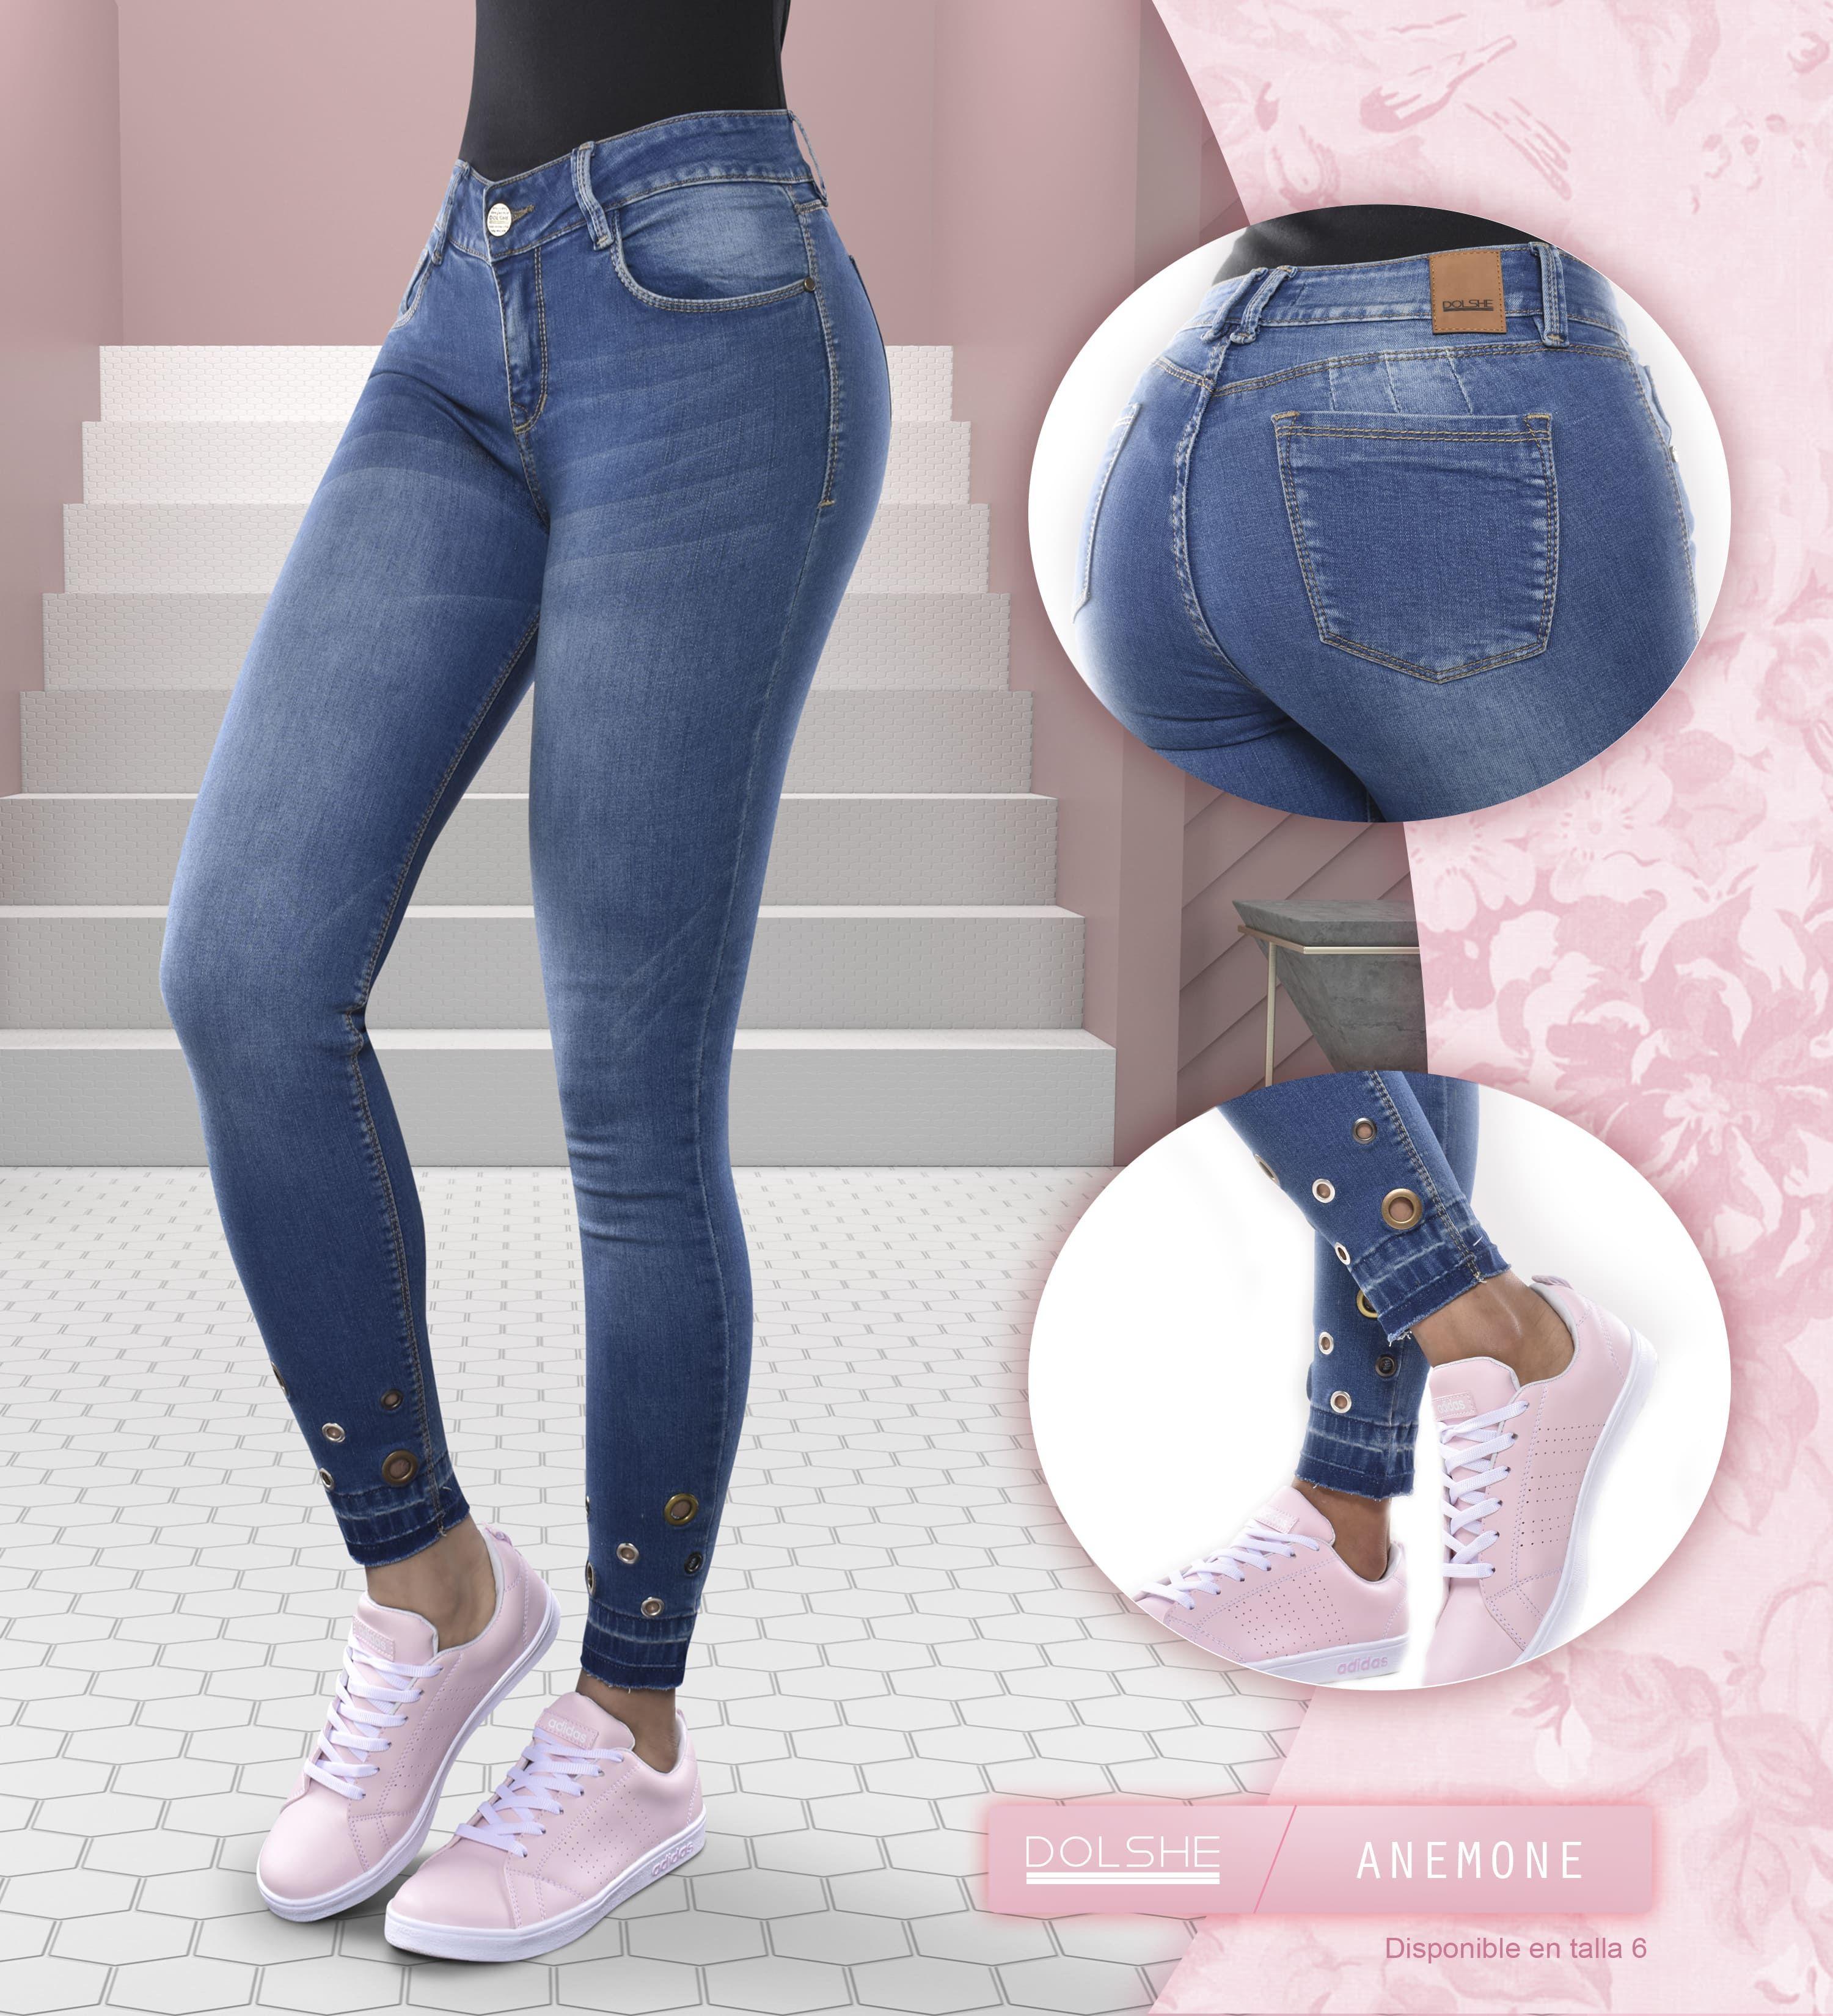 Los Detalles Y Apliques Fijados De Manera Manual Reflejan El Diseño Que Hay En Cada Prenda Jeans De Moda Pantalones De Moda Mujer Pantalones De Mezclilla Mujer